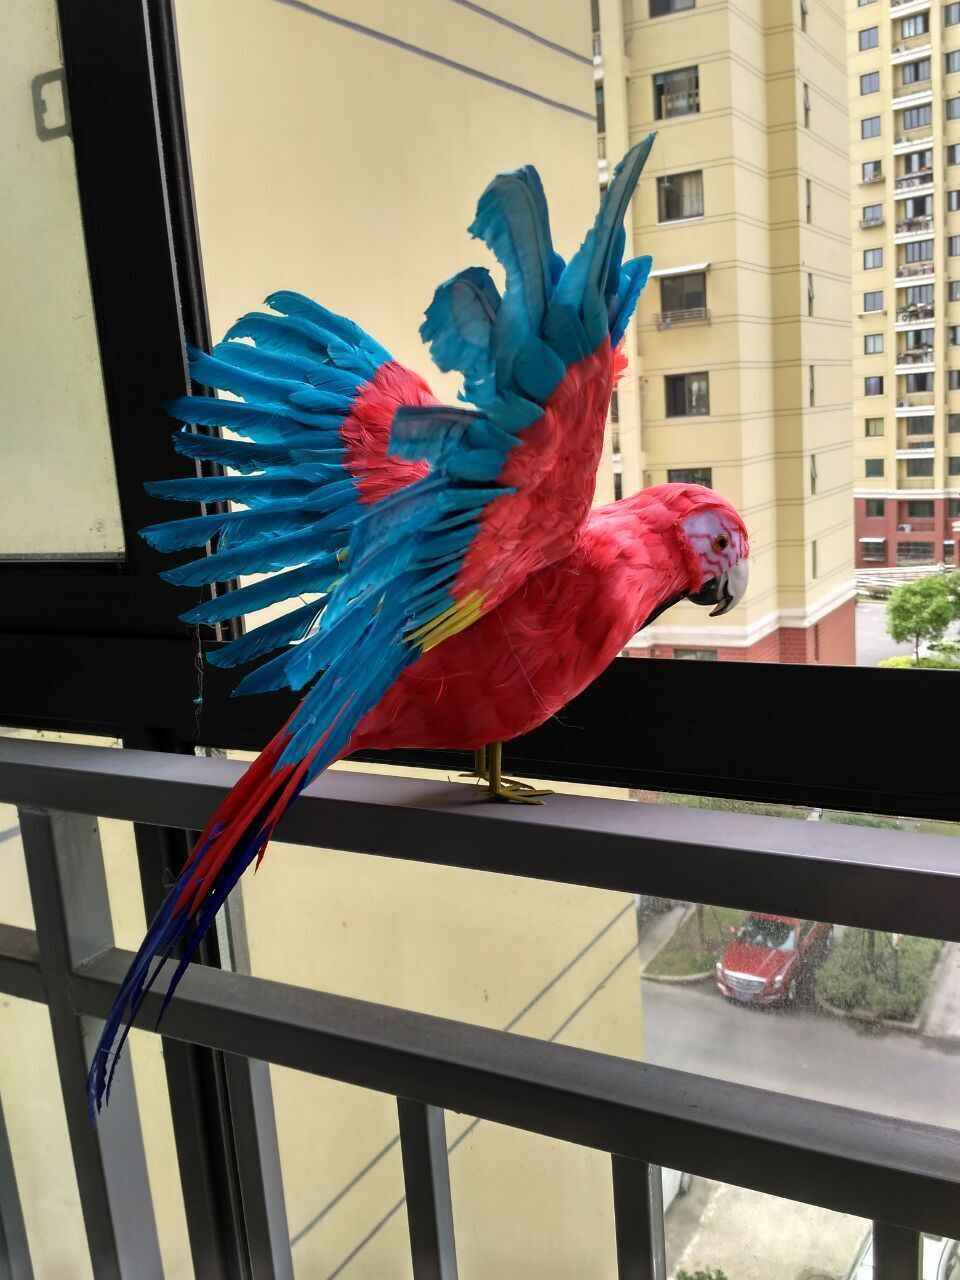 Большой Новый Моделирование крылья макет попугая полиэтилен и меха разноцветный попугай кукла подарок около 60x40 см 1111